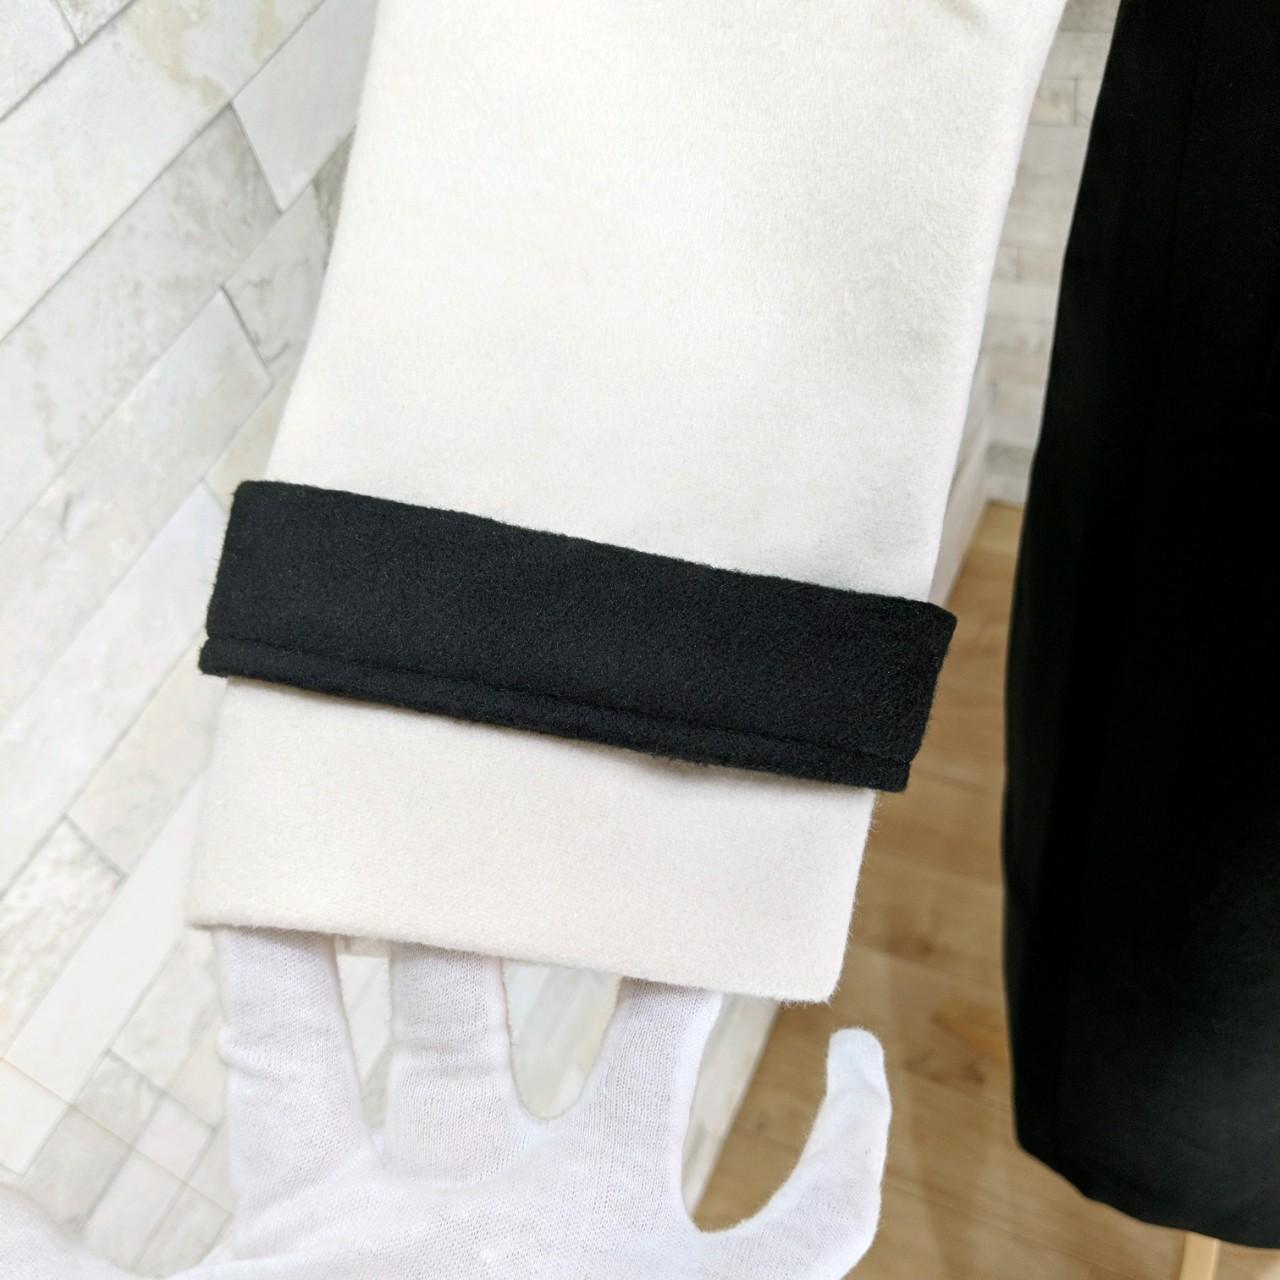 【即納】韓国 ファッション アウター コート 秋 冬 パーティー ブライダル SPTXG918  ミリタリー調 バイカラー アシンメトリー 二次会 セレブ きれいめの写真15枚目